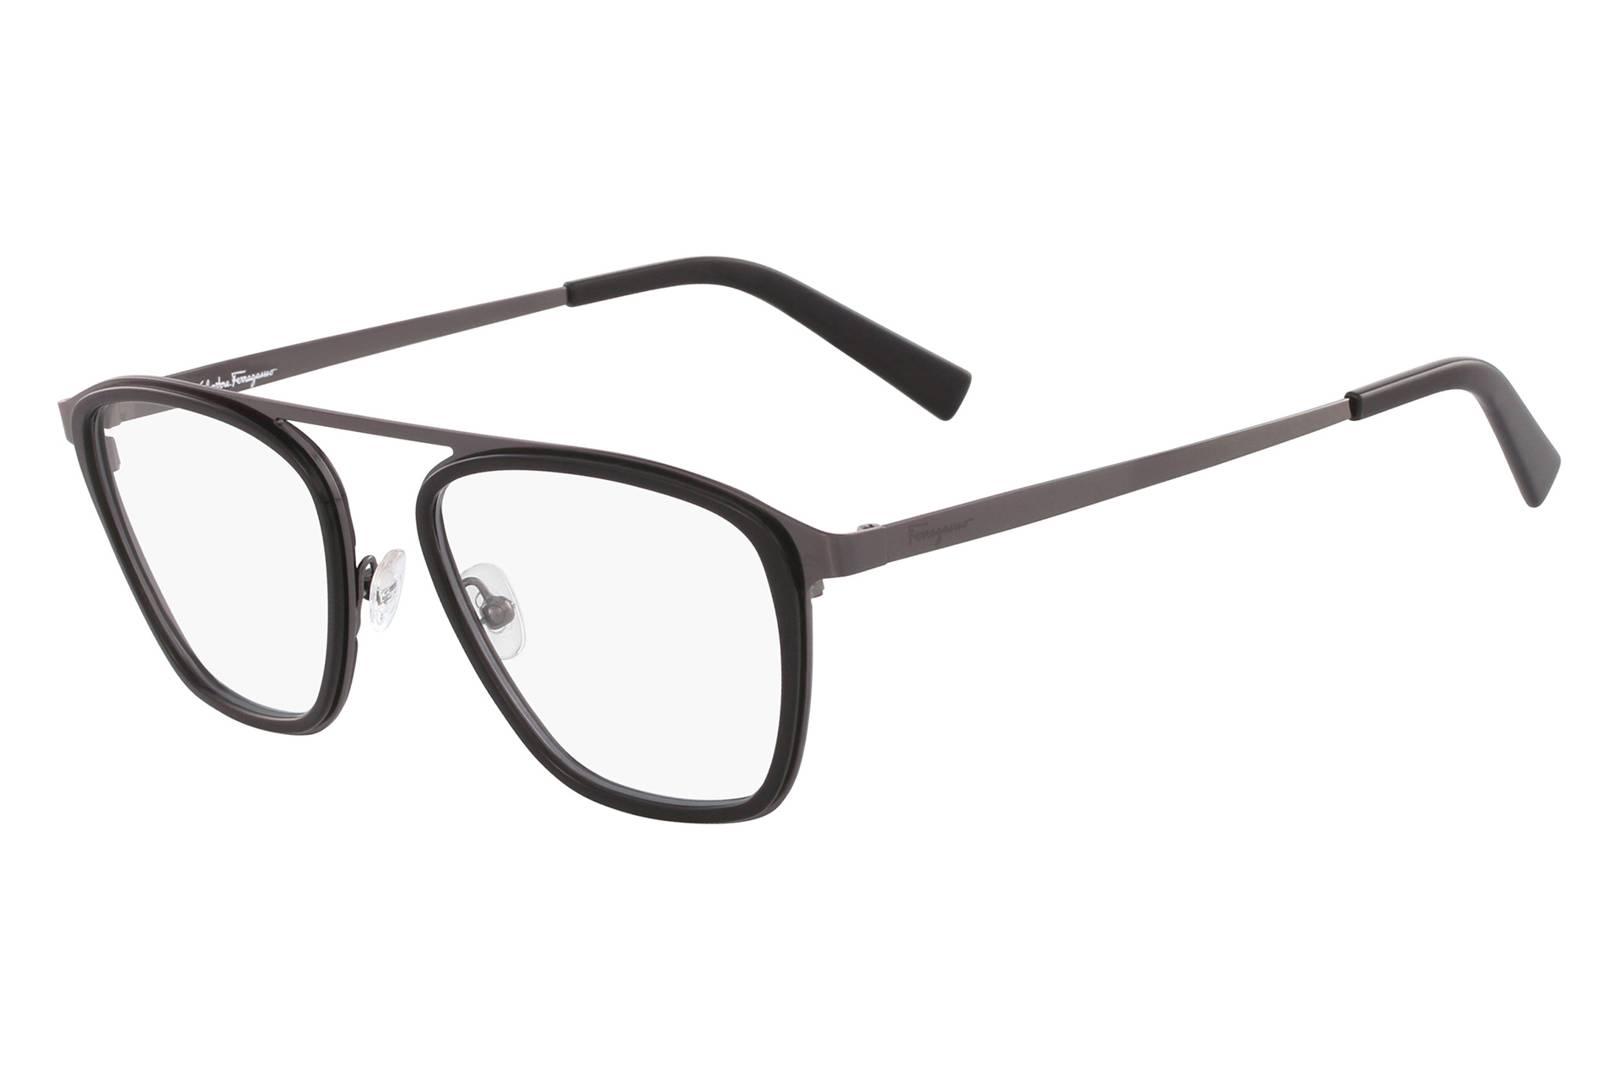 70af99d921 Best men s eyeglasses 2019